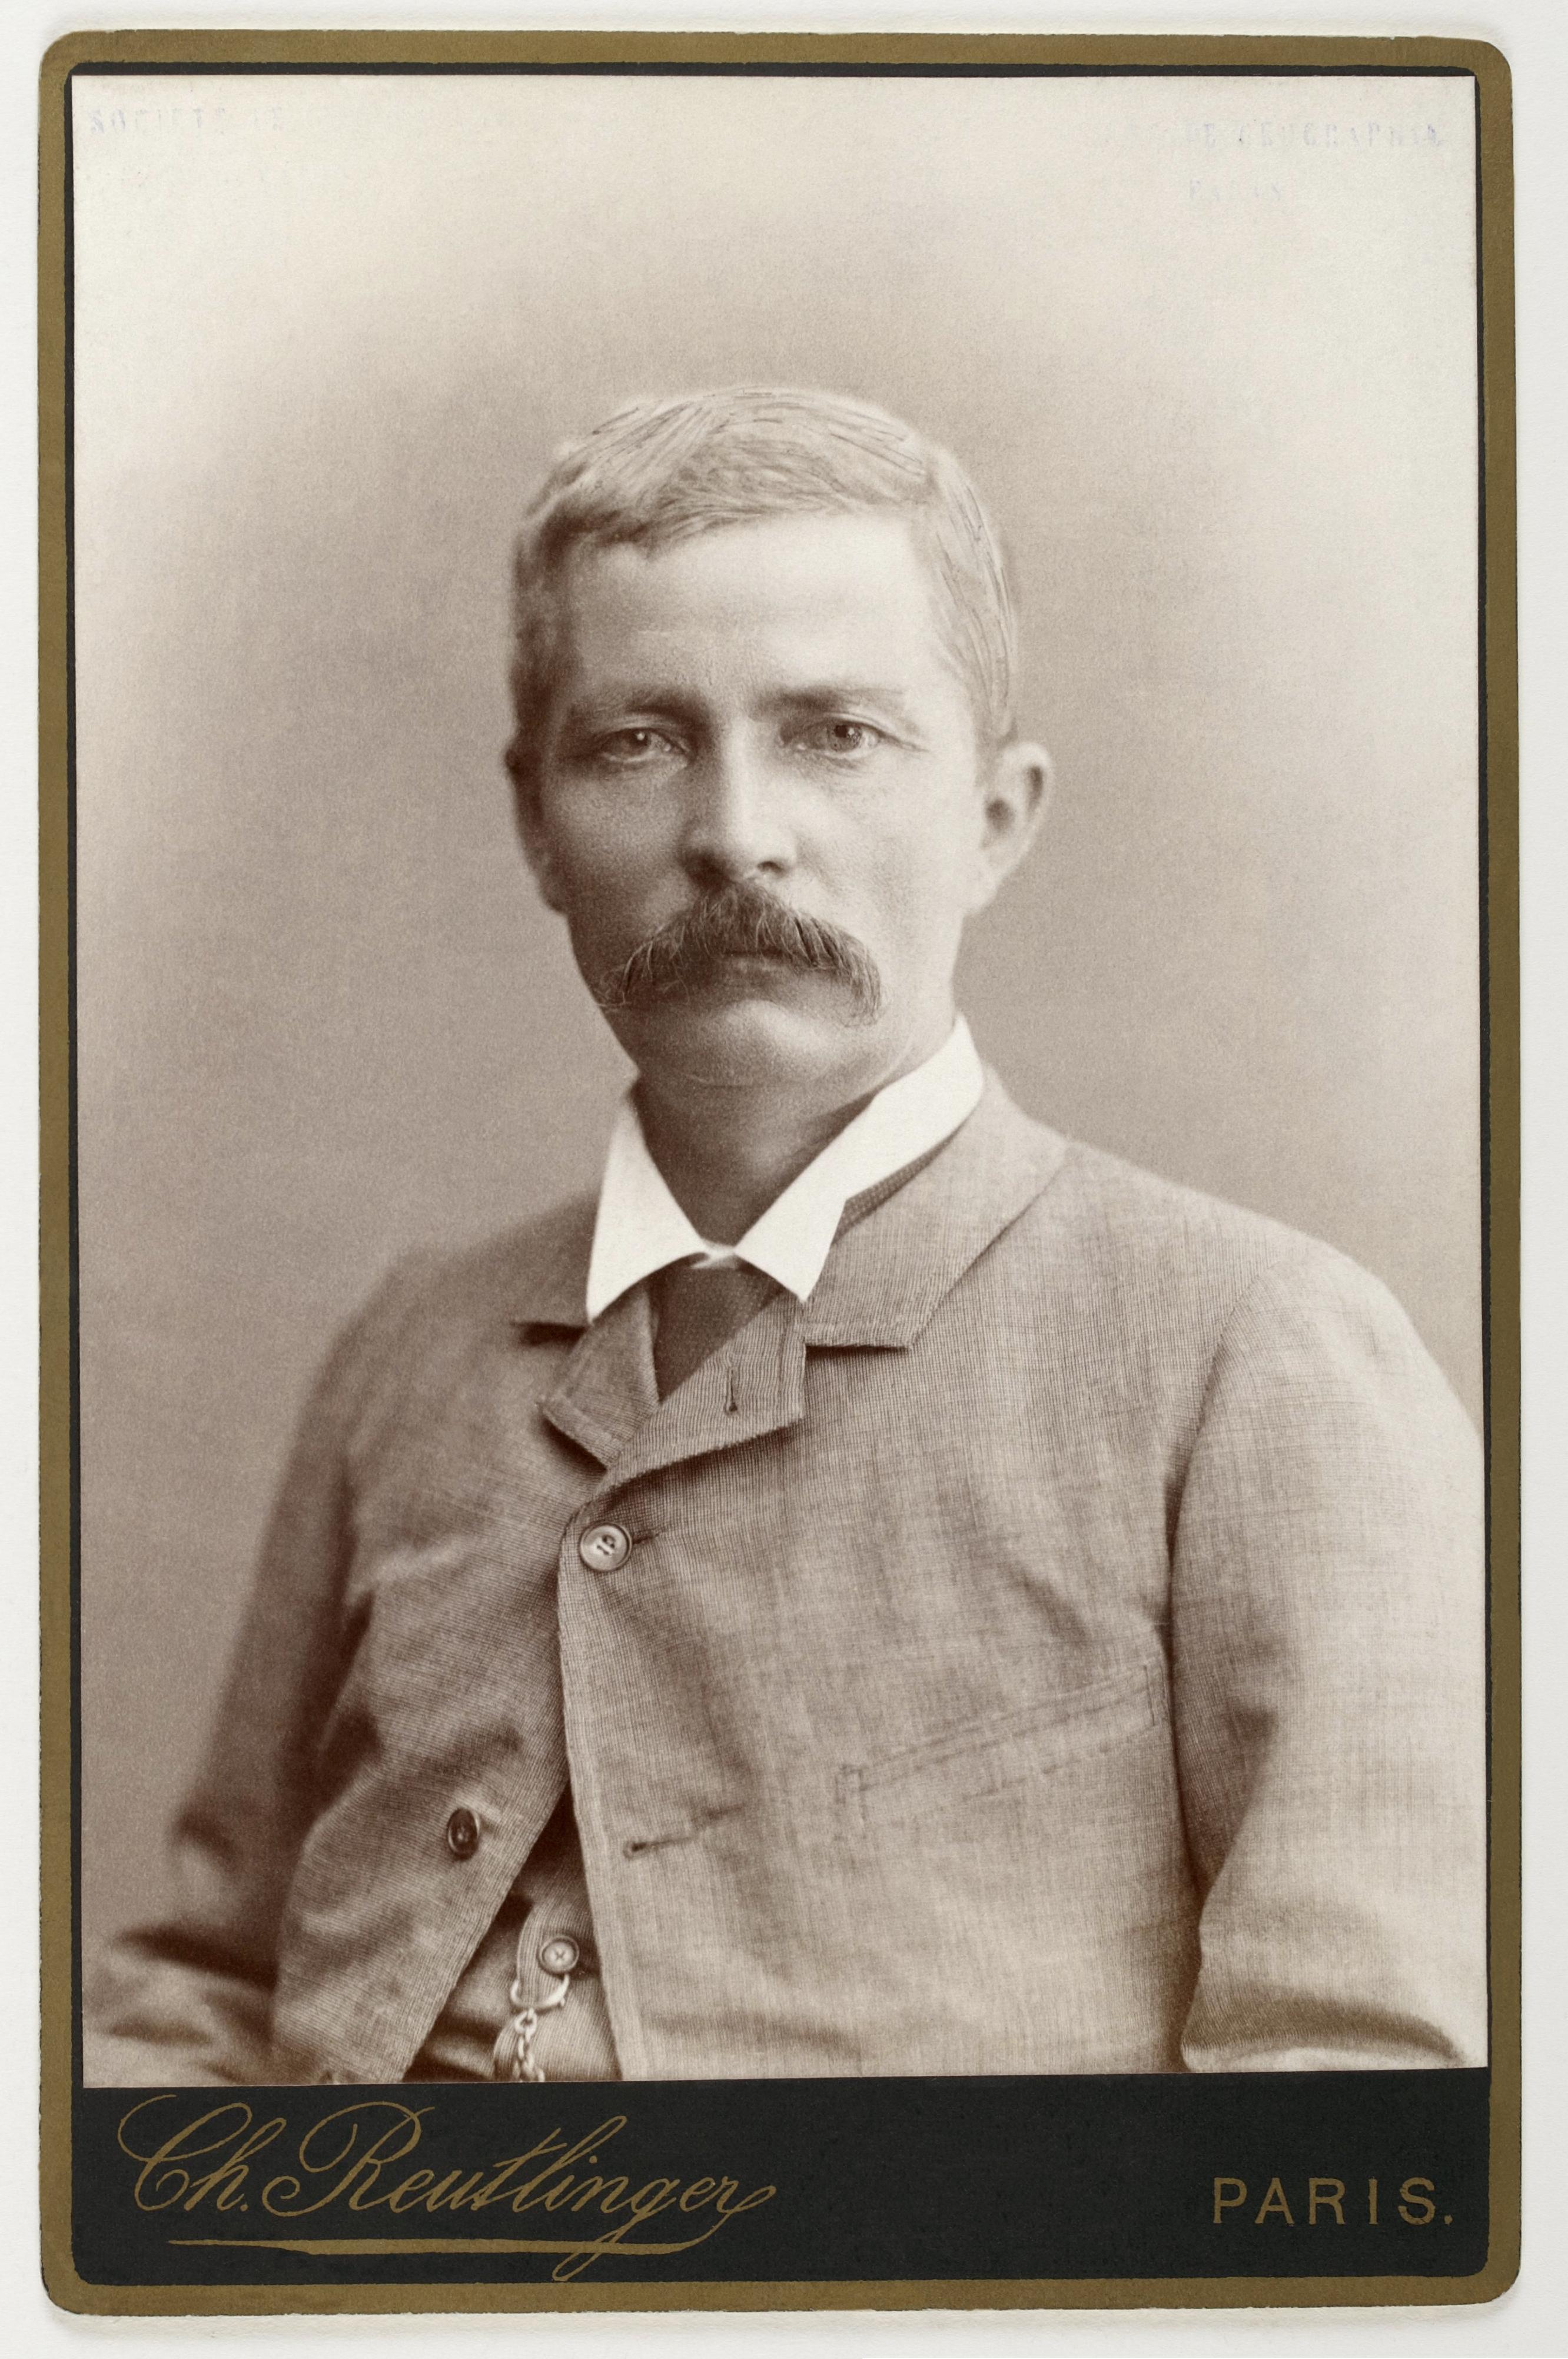 http://upload.wikimedia.org/wikipedia/commons/5/56/Henry_Morton_Stanley_Reutlinger_BNF_Gallica.jpg